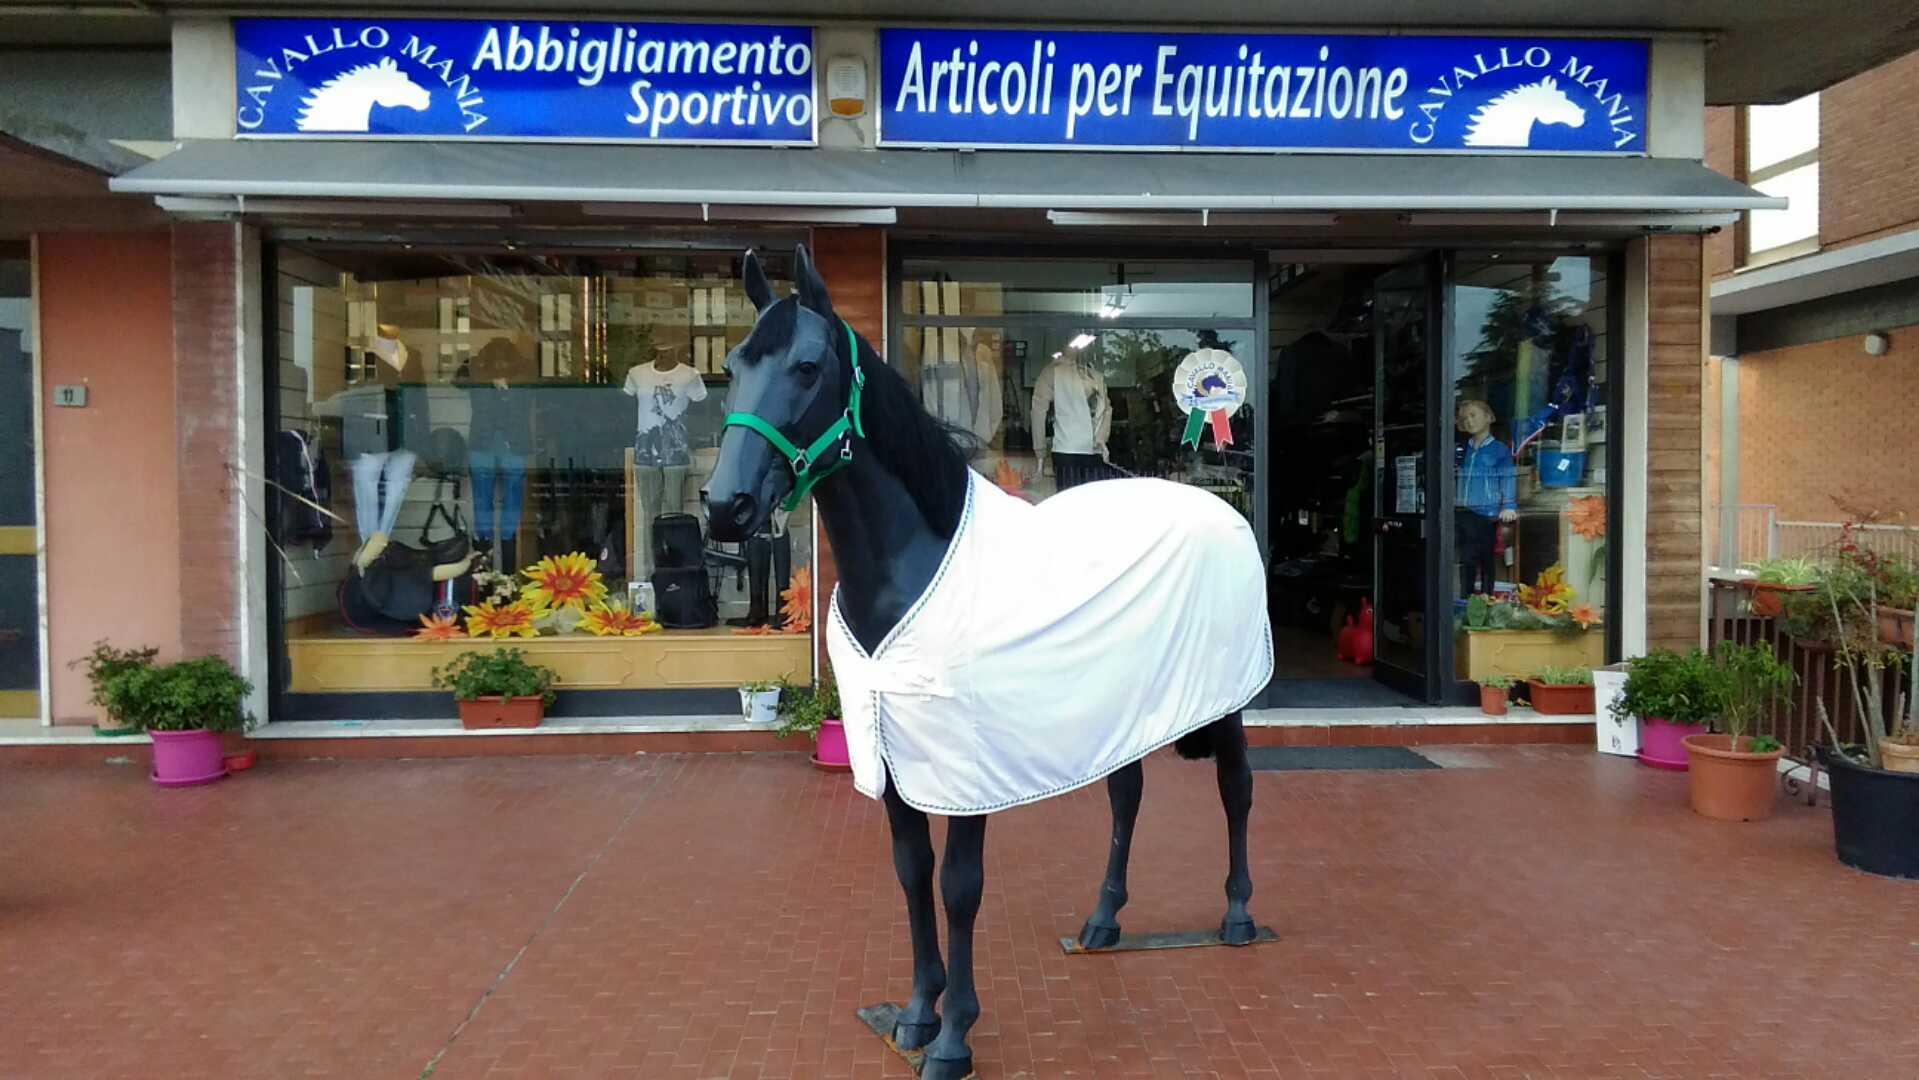 newest 4b9bc b694e Cavallomania - articoli per equitazione nel valdarno (Firenze)